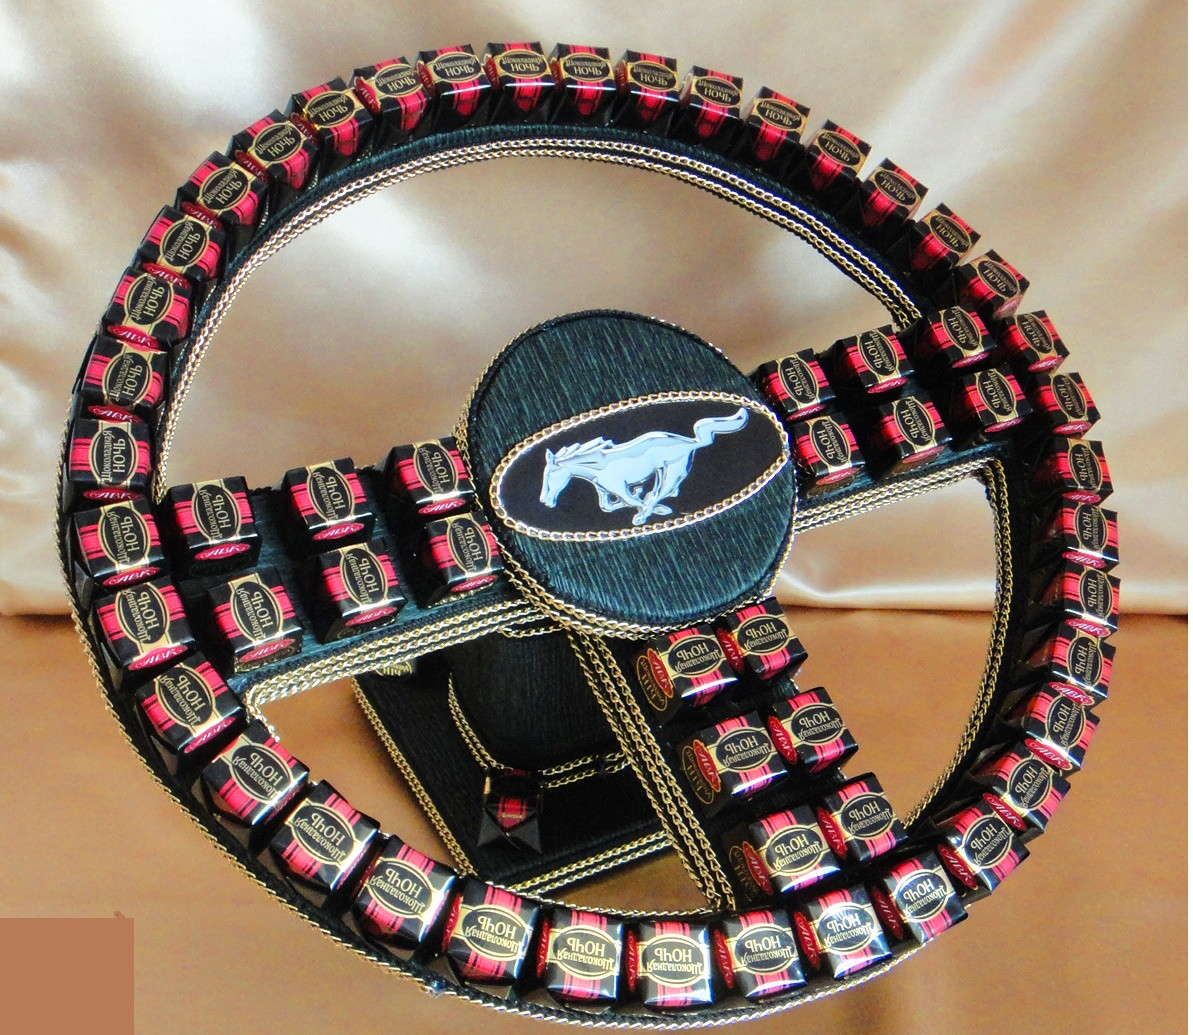 Руль из шоколадных конфет